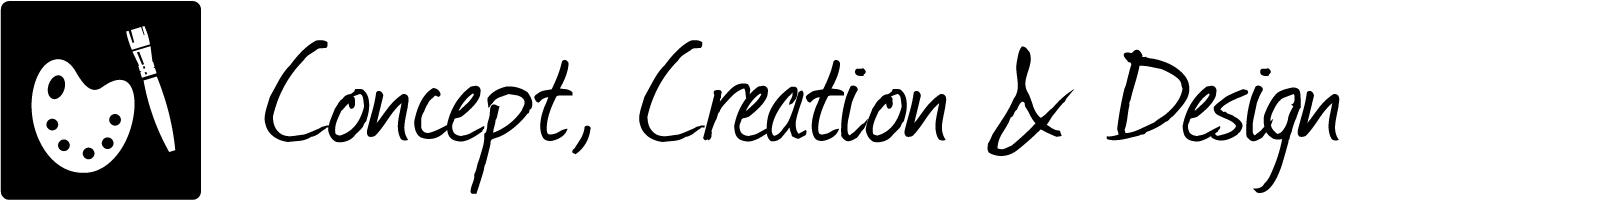 2013-12-19-Leistungen-design.png